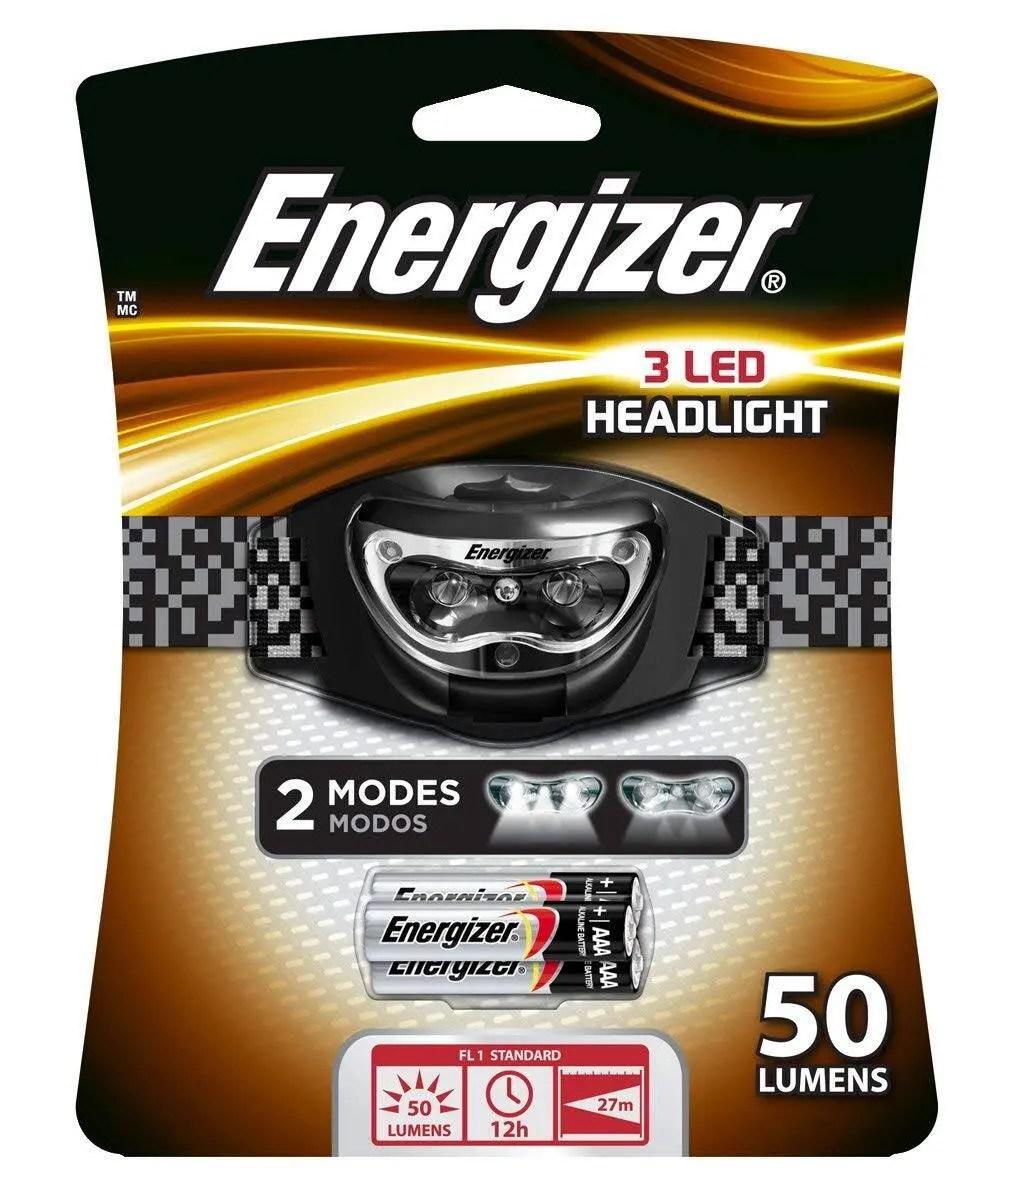 Energizer 3 LED Headlamp